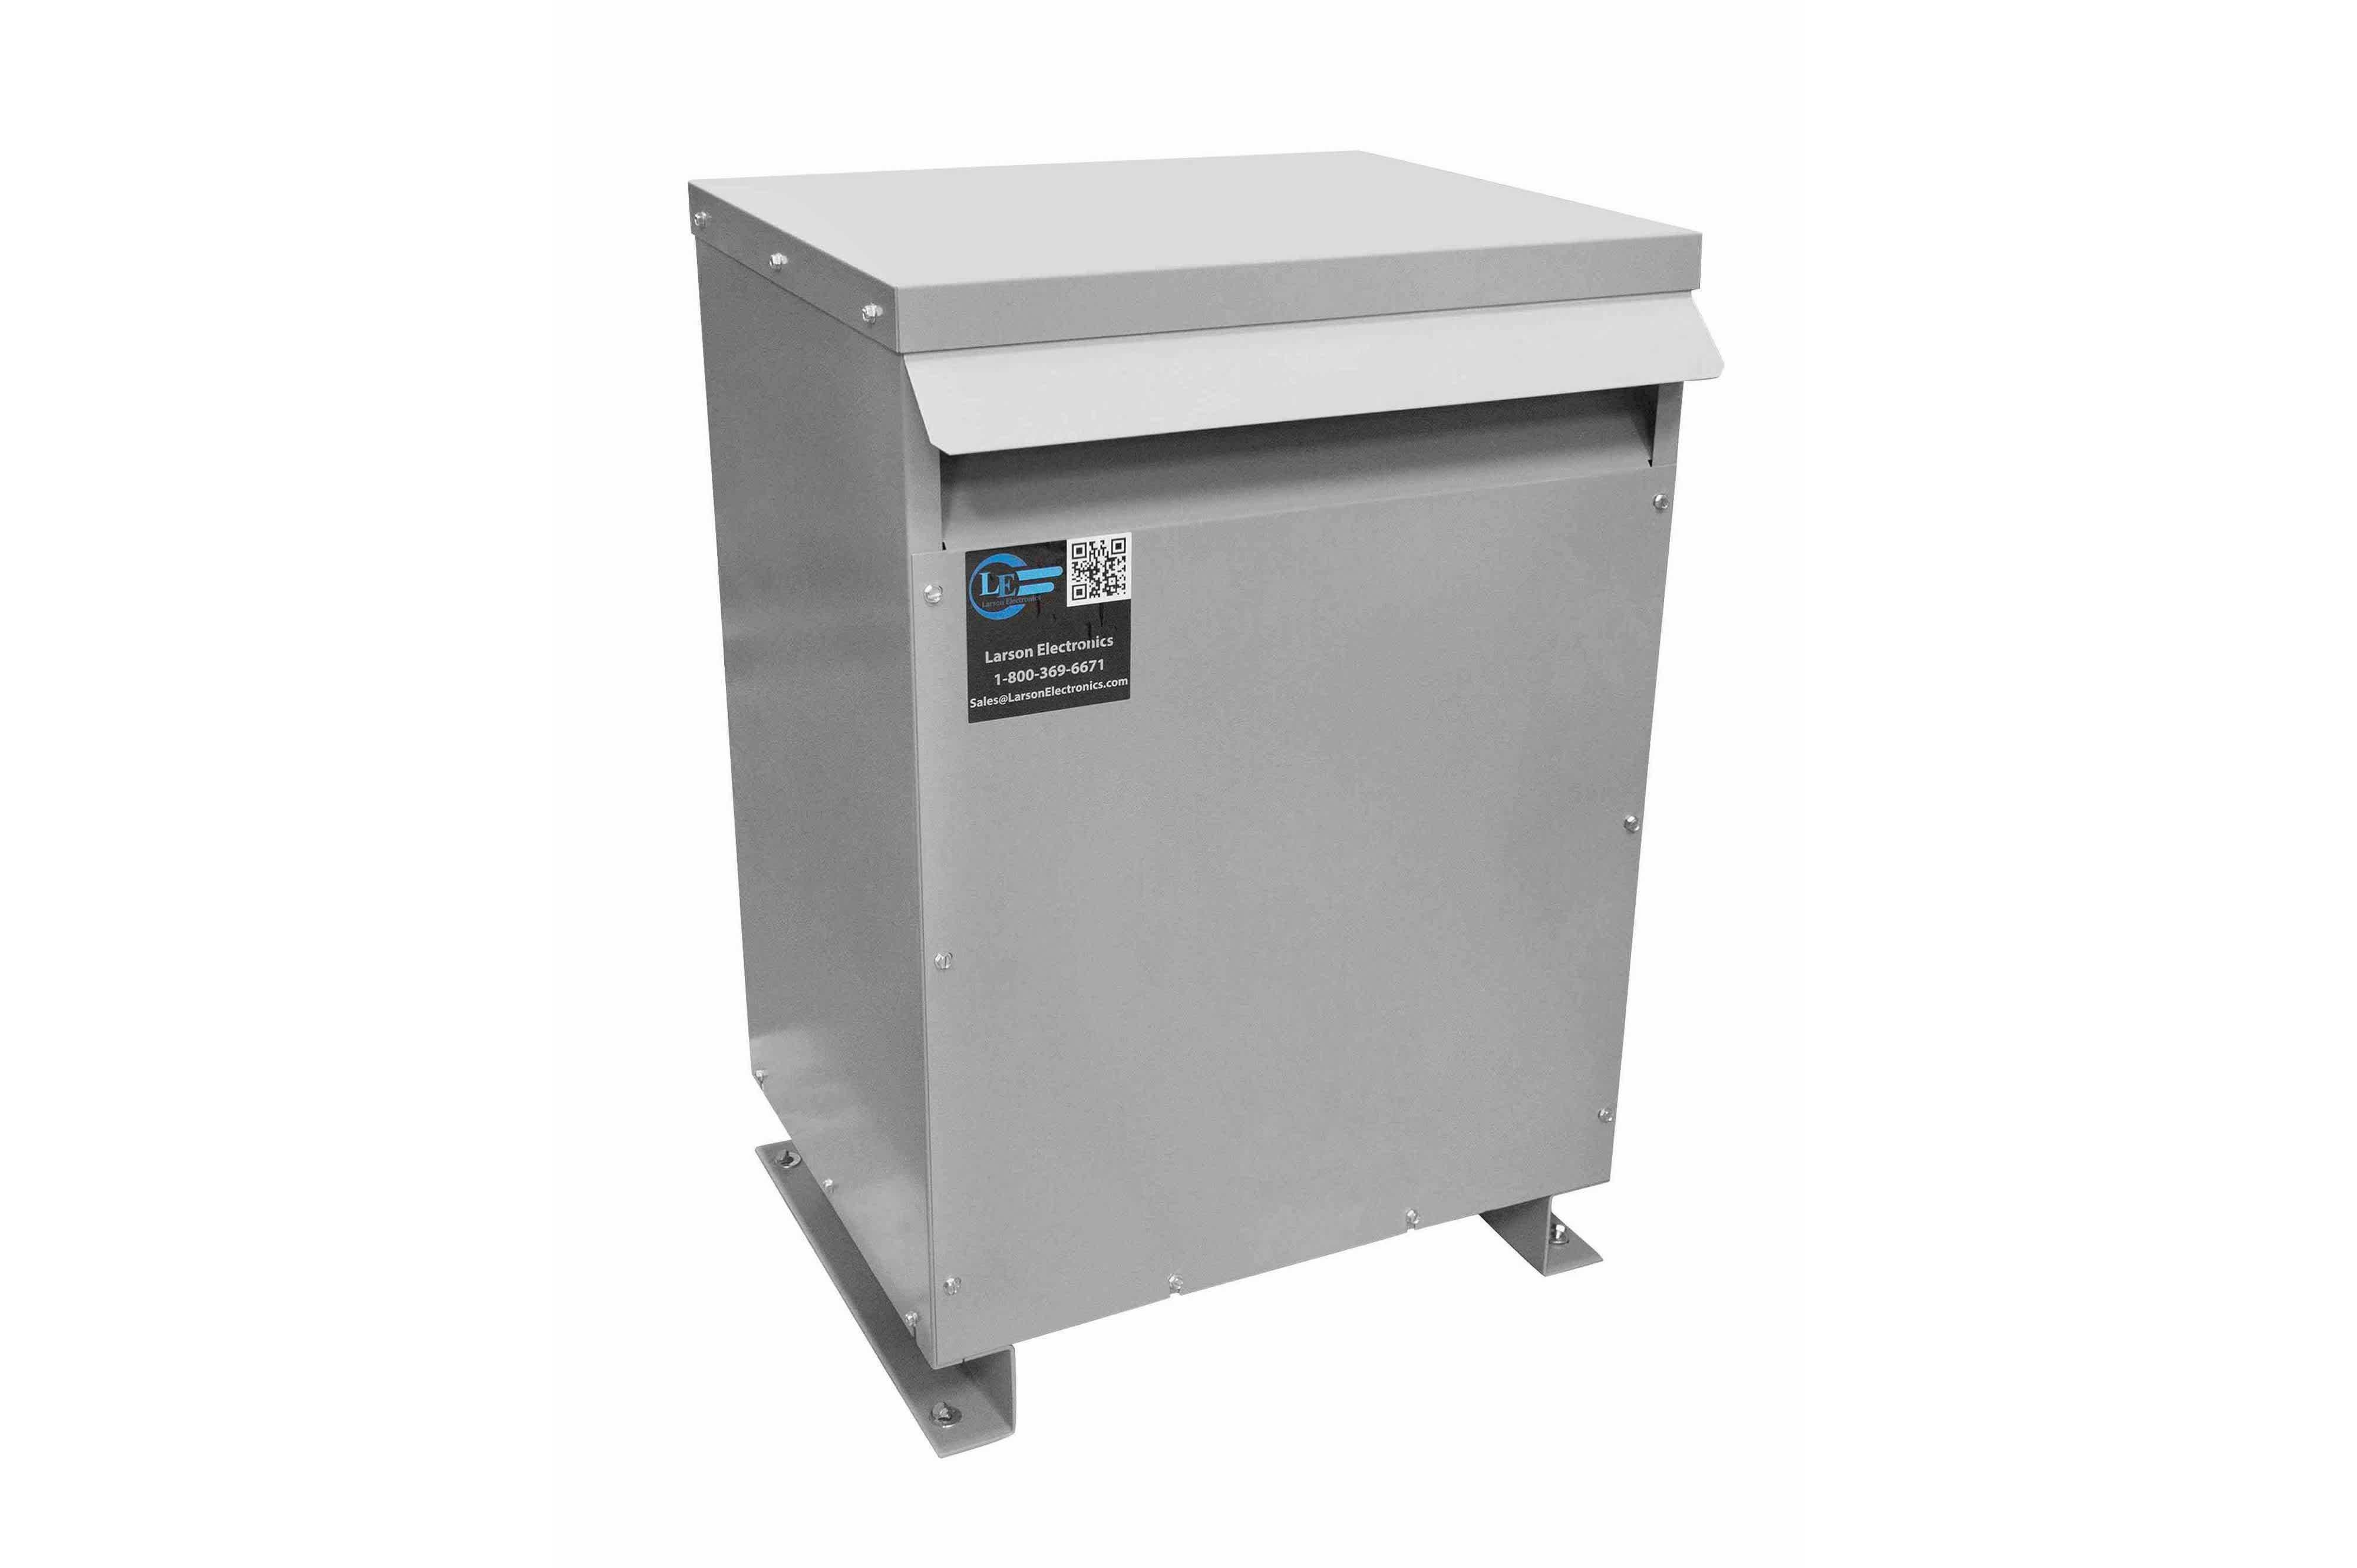 60 kVA 3PH Isolation Transformer, 600V Delta Primary, 240 Delta Secondary, N3R, Ventilated, 60 Hz